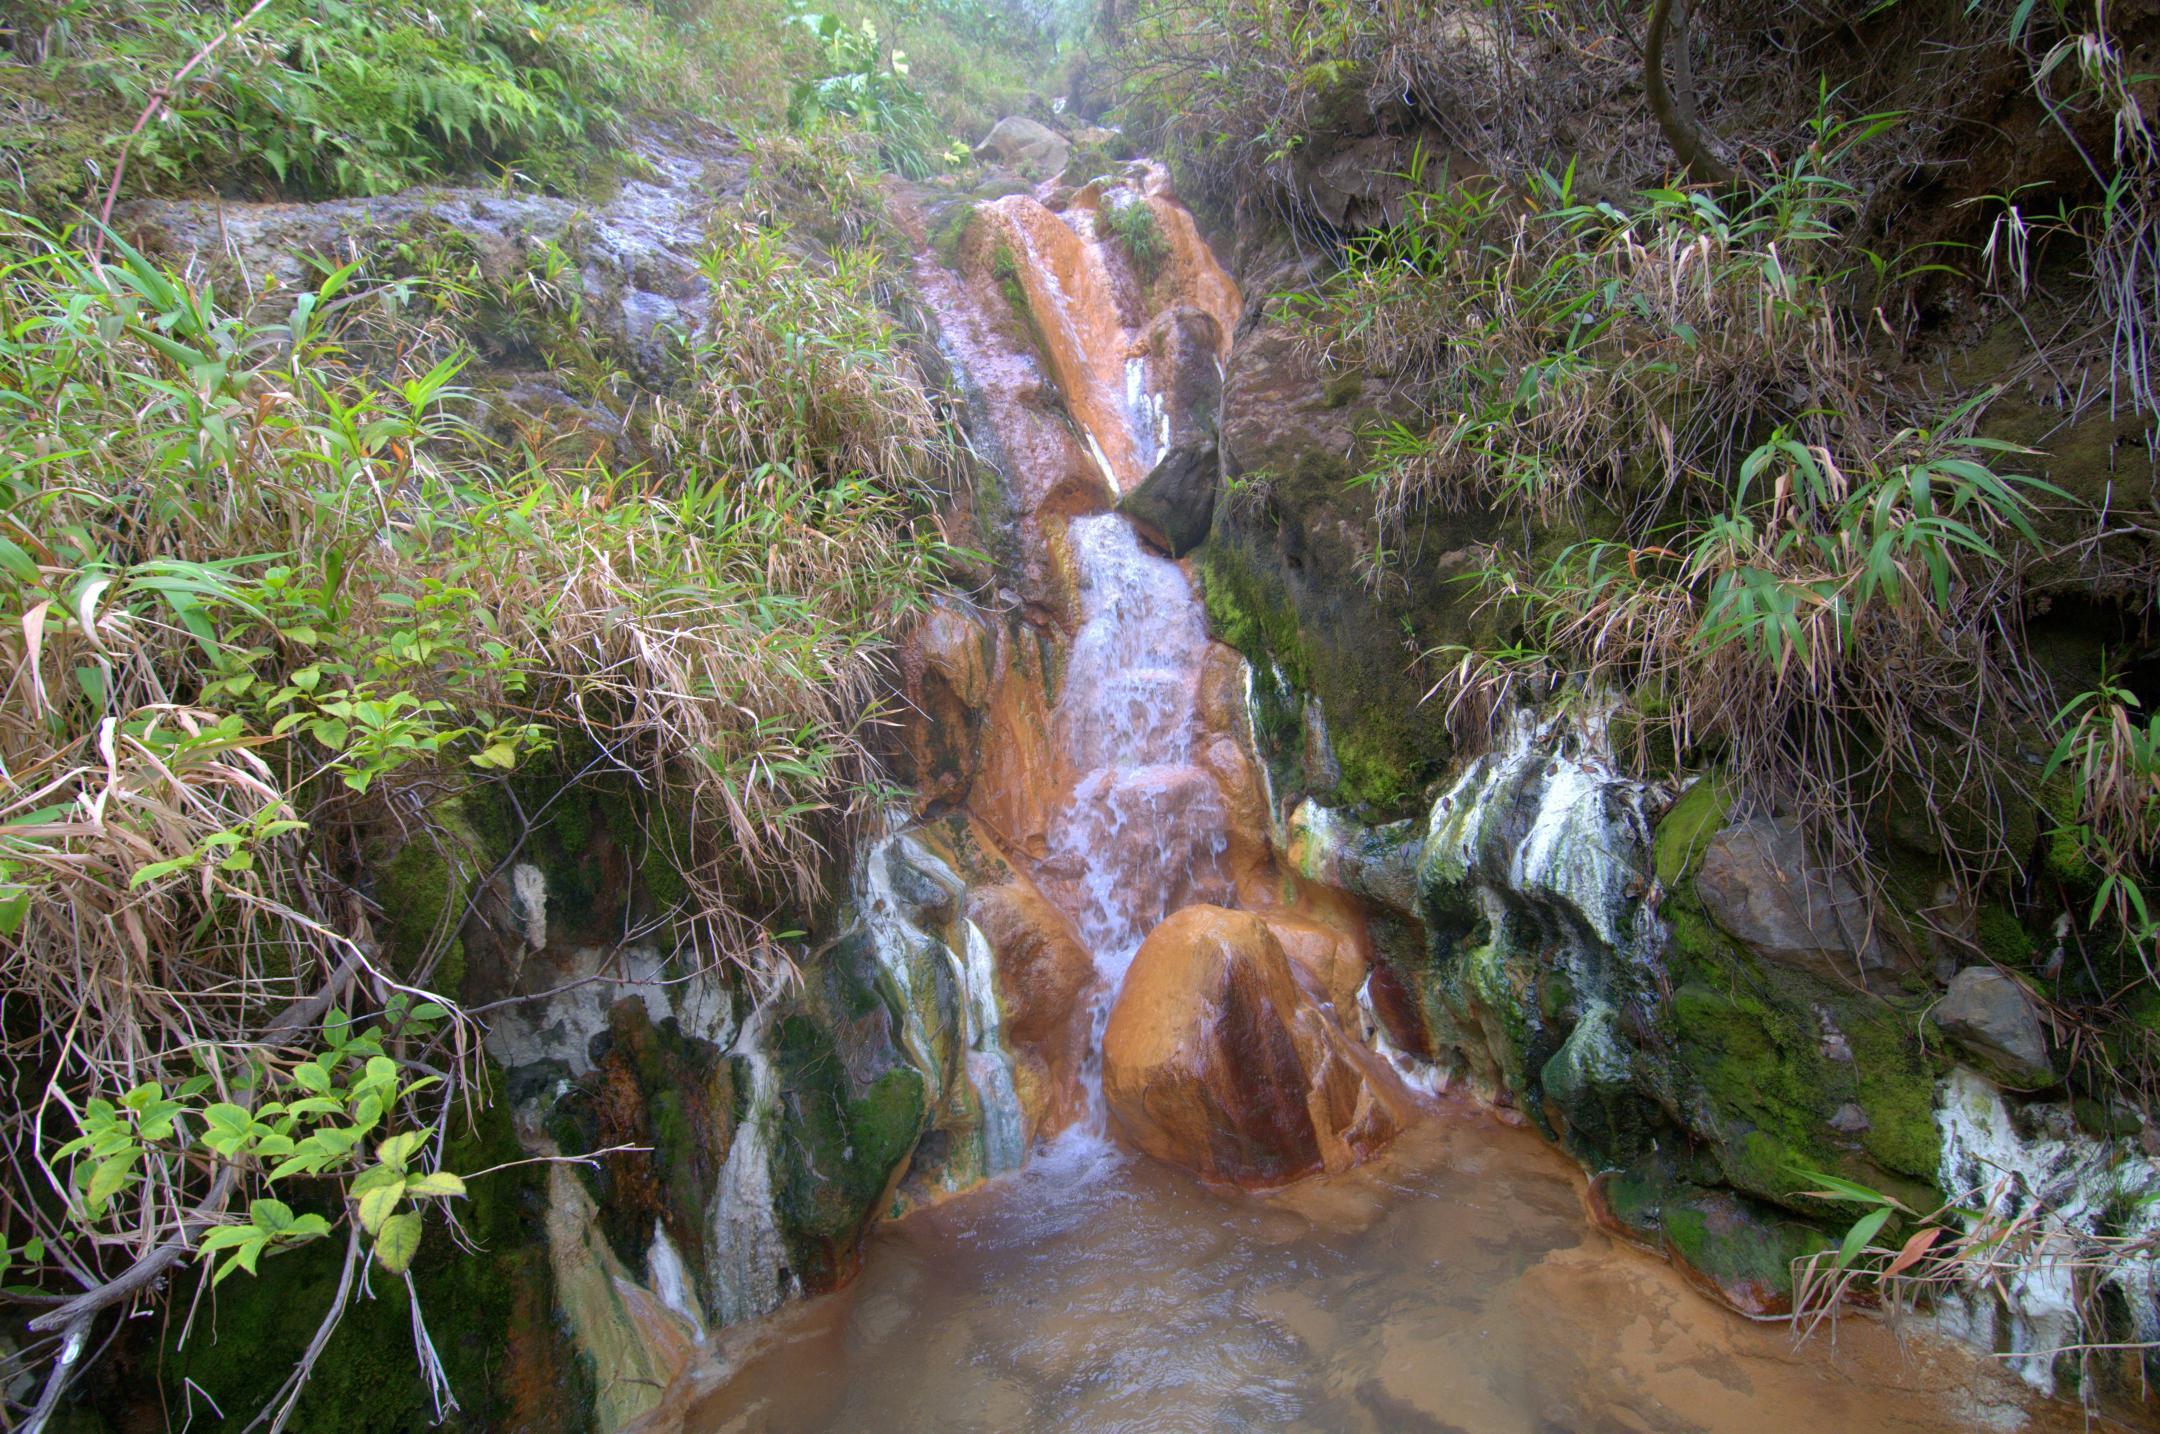 Source thermale du Galion. Volcan La Soufrière, Guadeloupe.